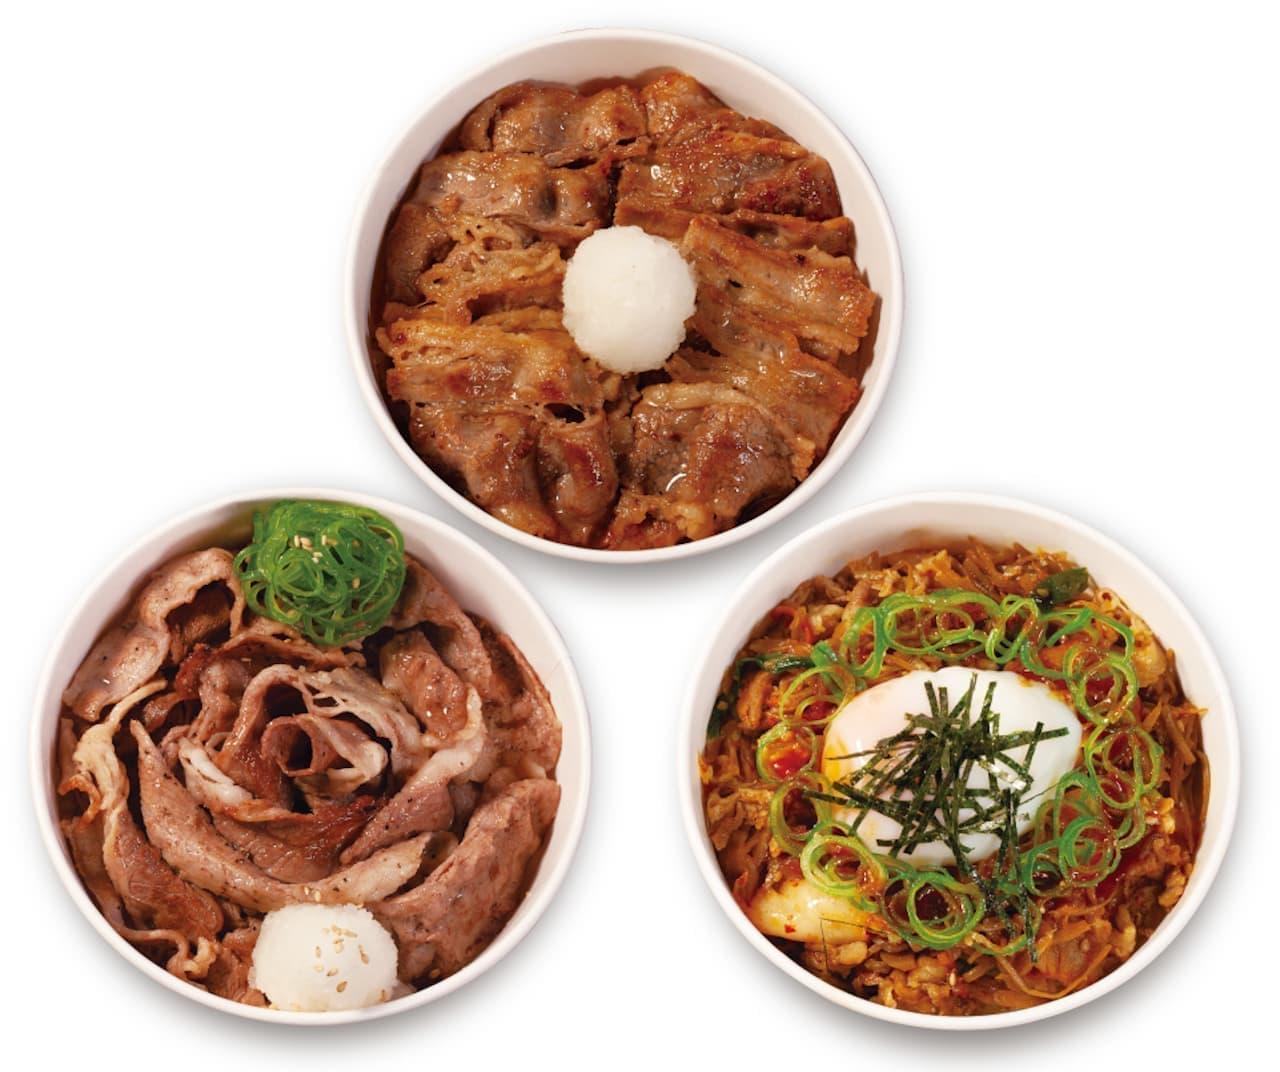 松屋 人気の定食をテイクアウト限定「丼」に